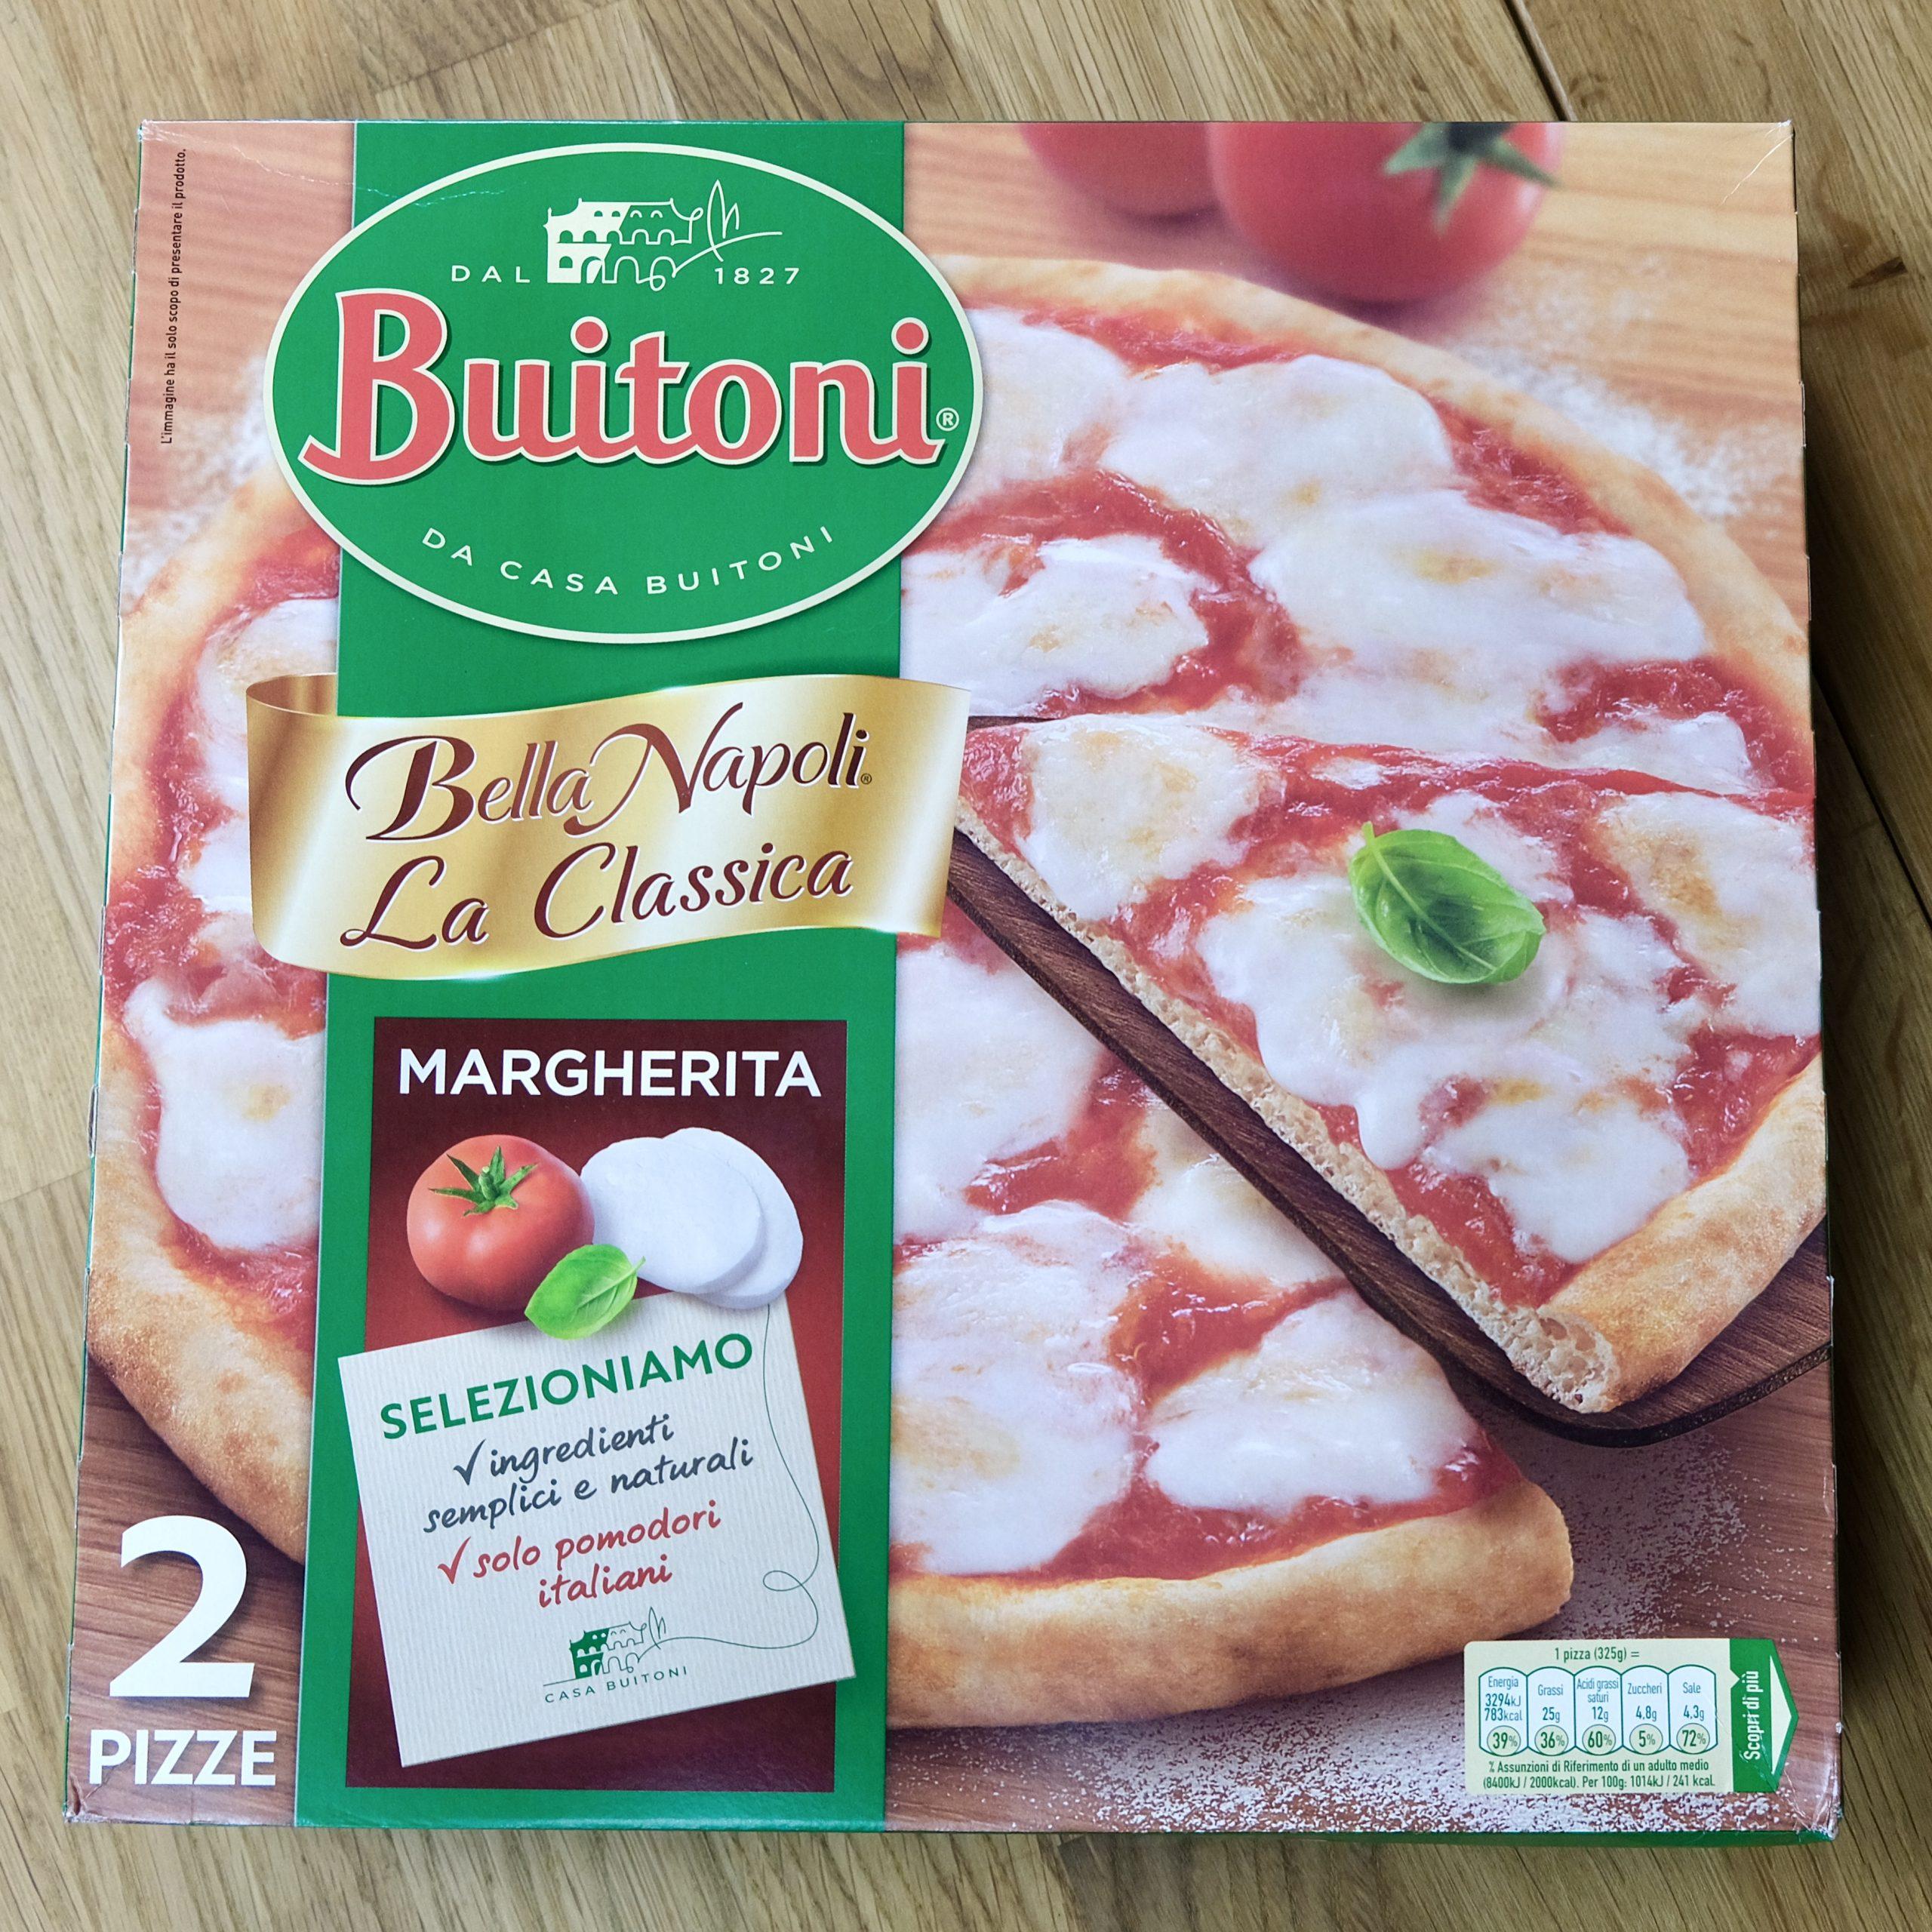 Confezione Bella Napoli La Classica, Casa Buitoni